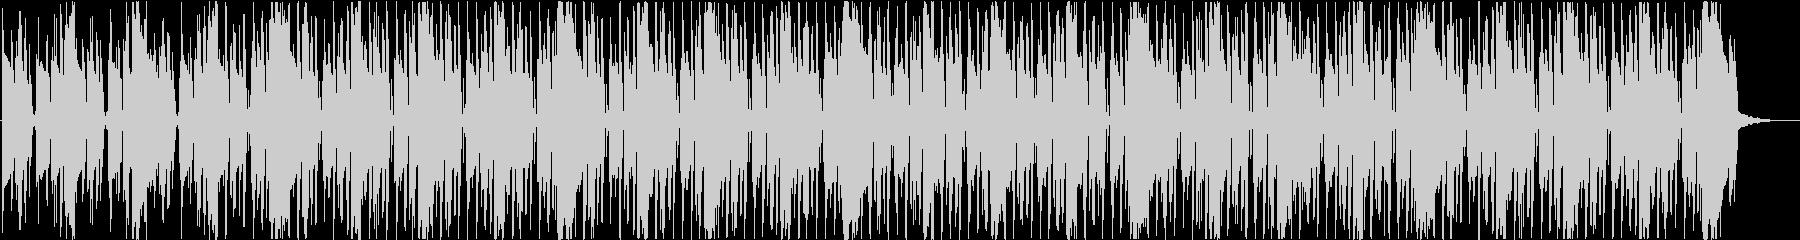 背景ヒップホップ、ファンクの未再生の波形